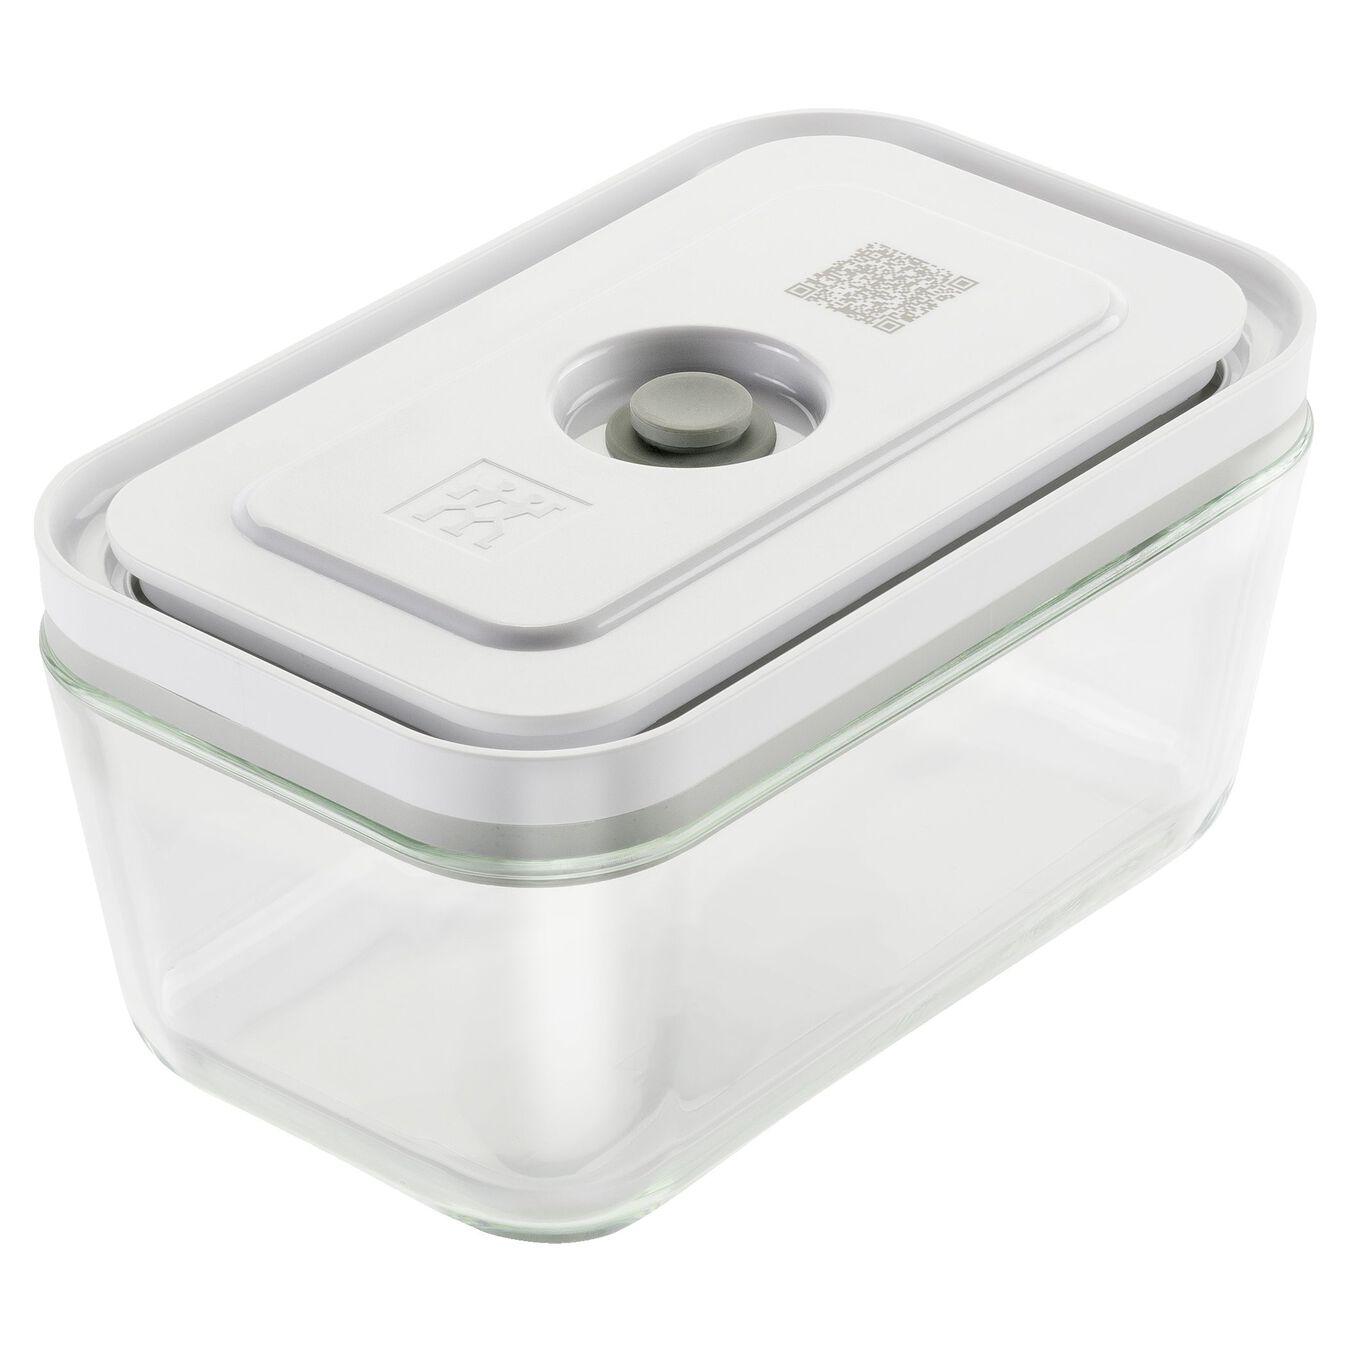 medium/large / 7-pc Vacuum starter set, Borosilicate glass ,,large 11